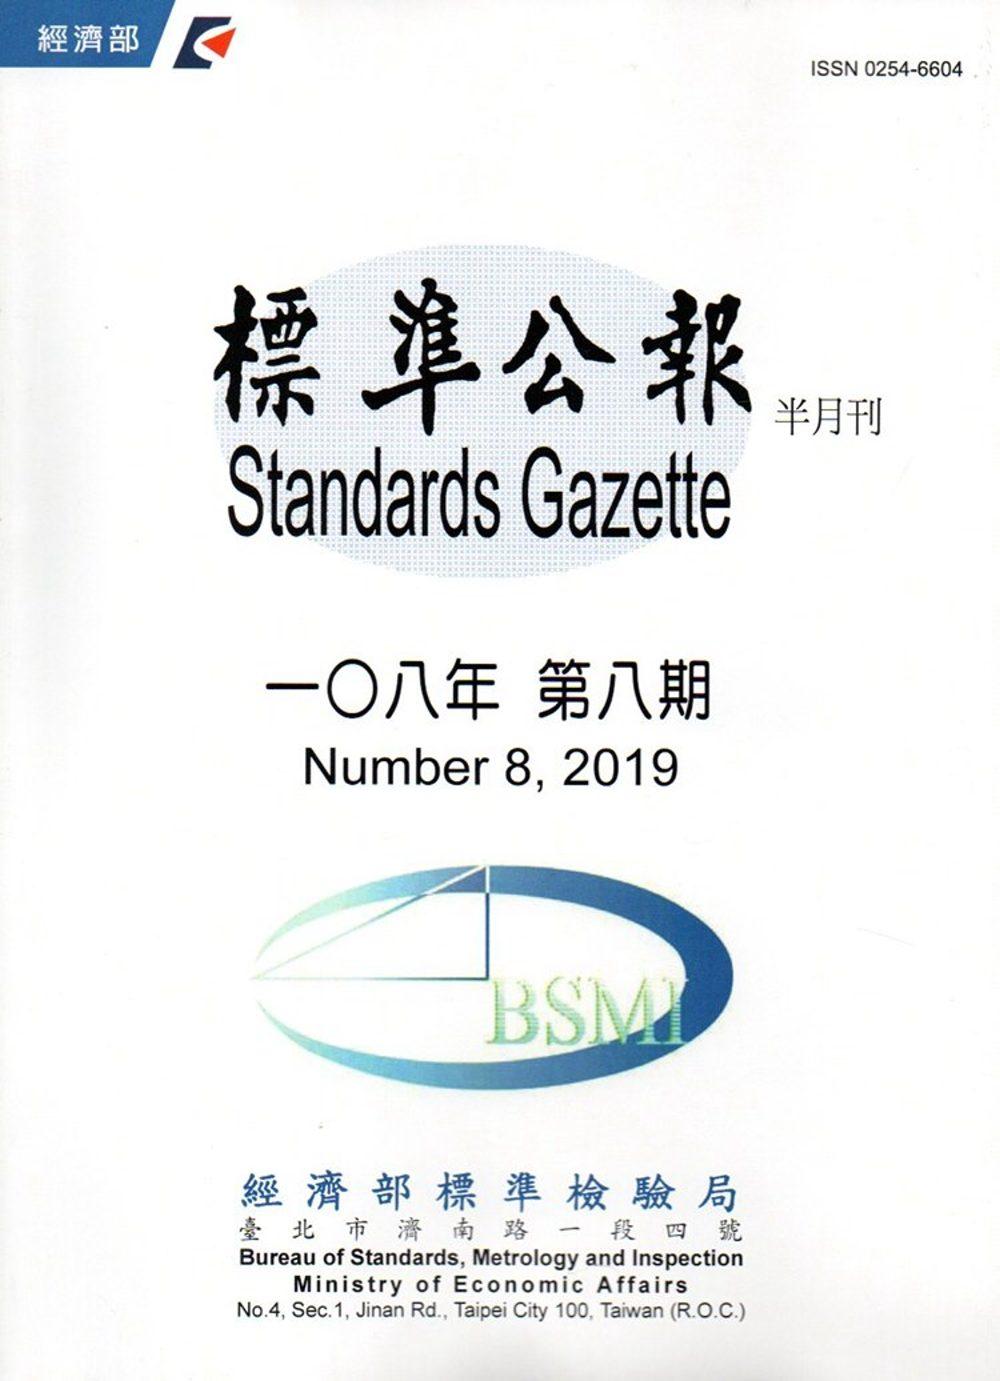 標準公報半月刊108年 第八期